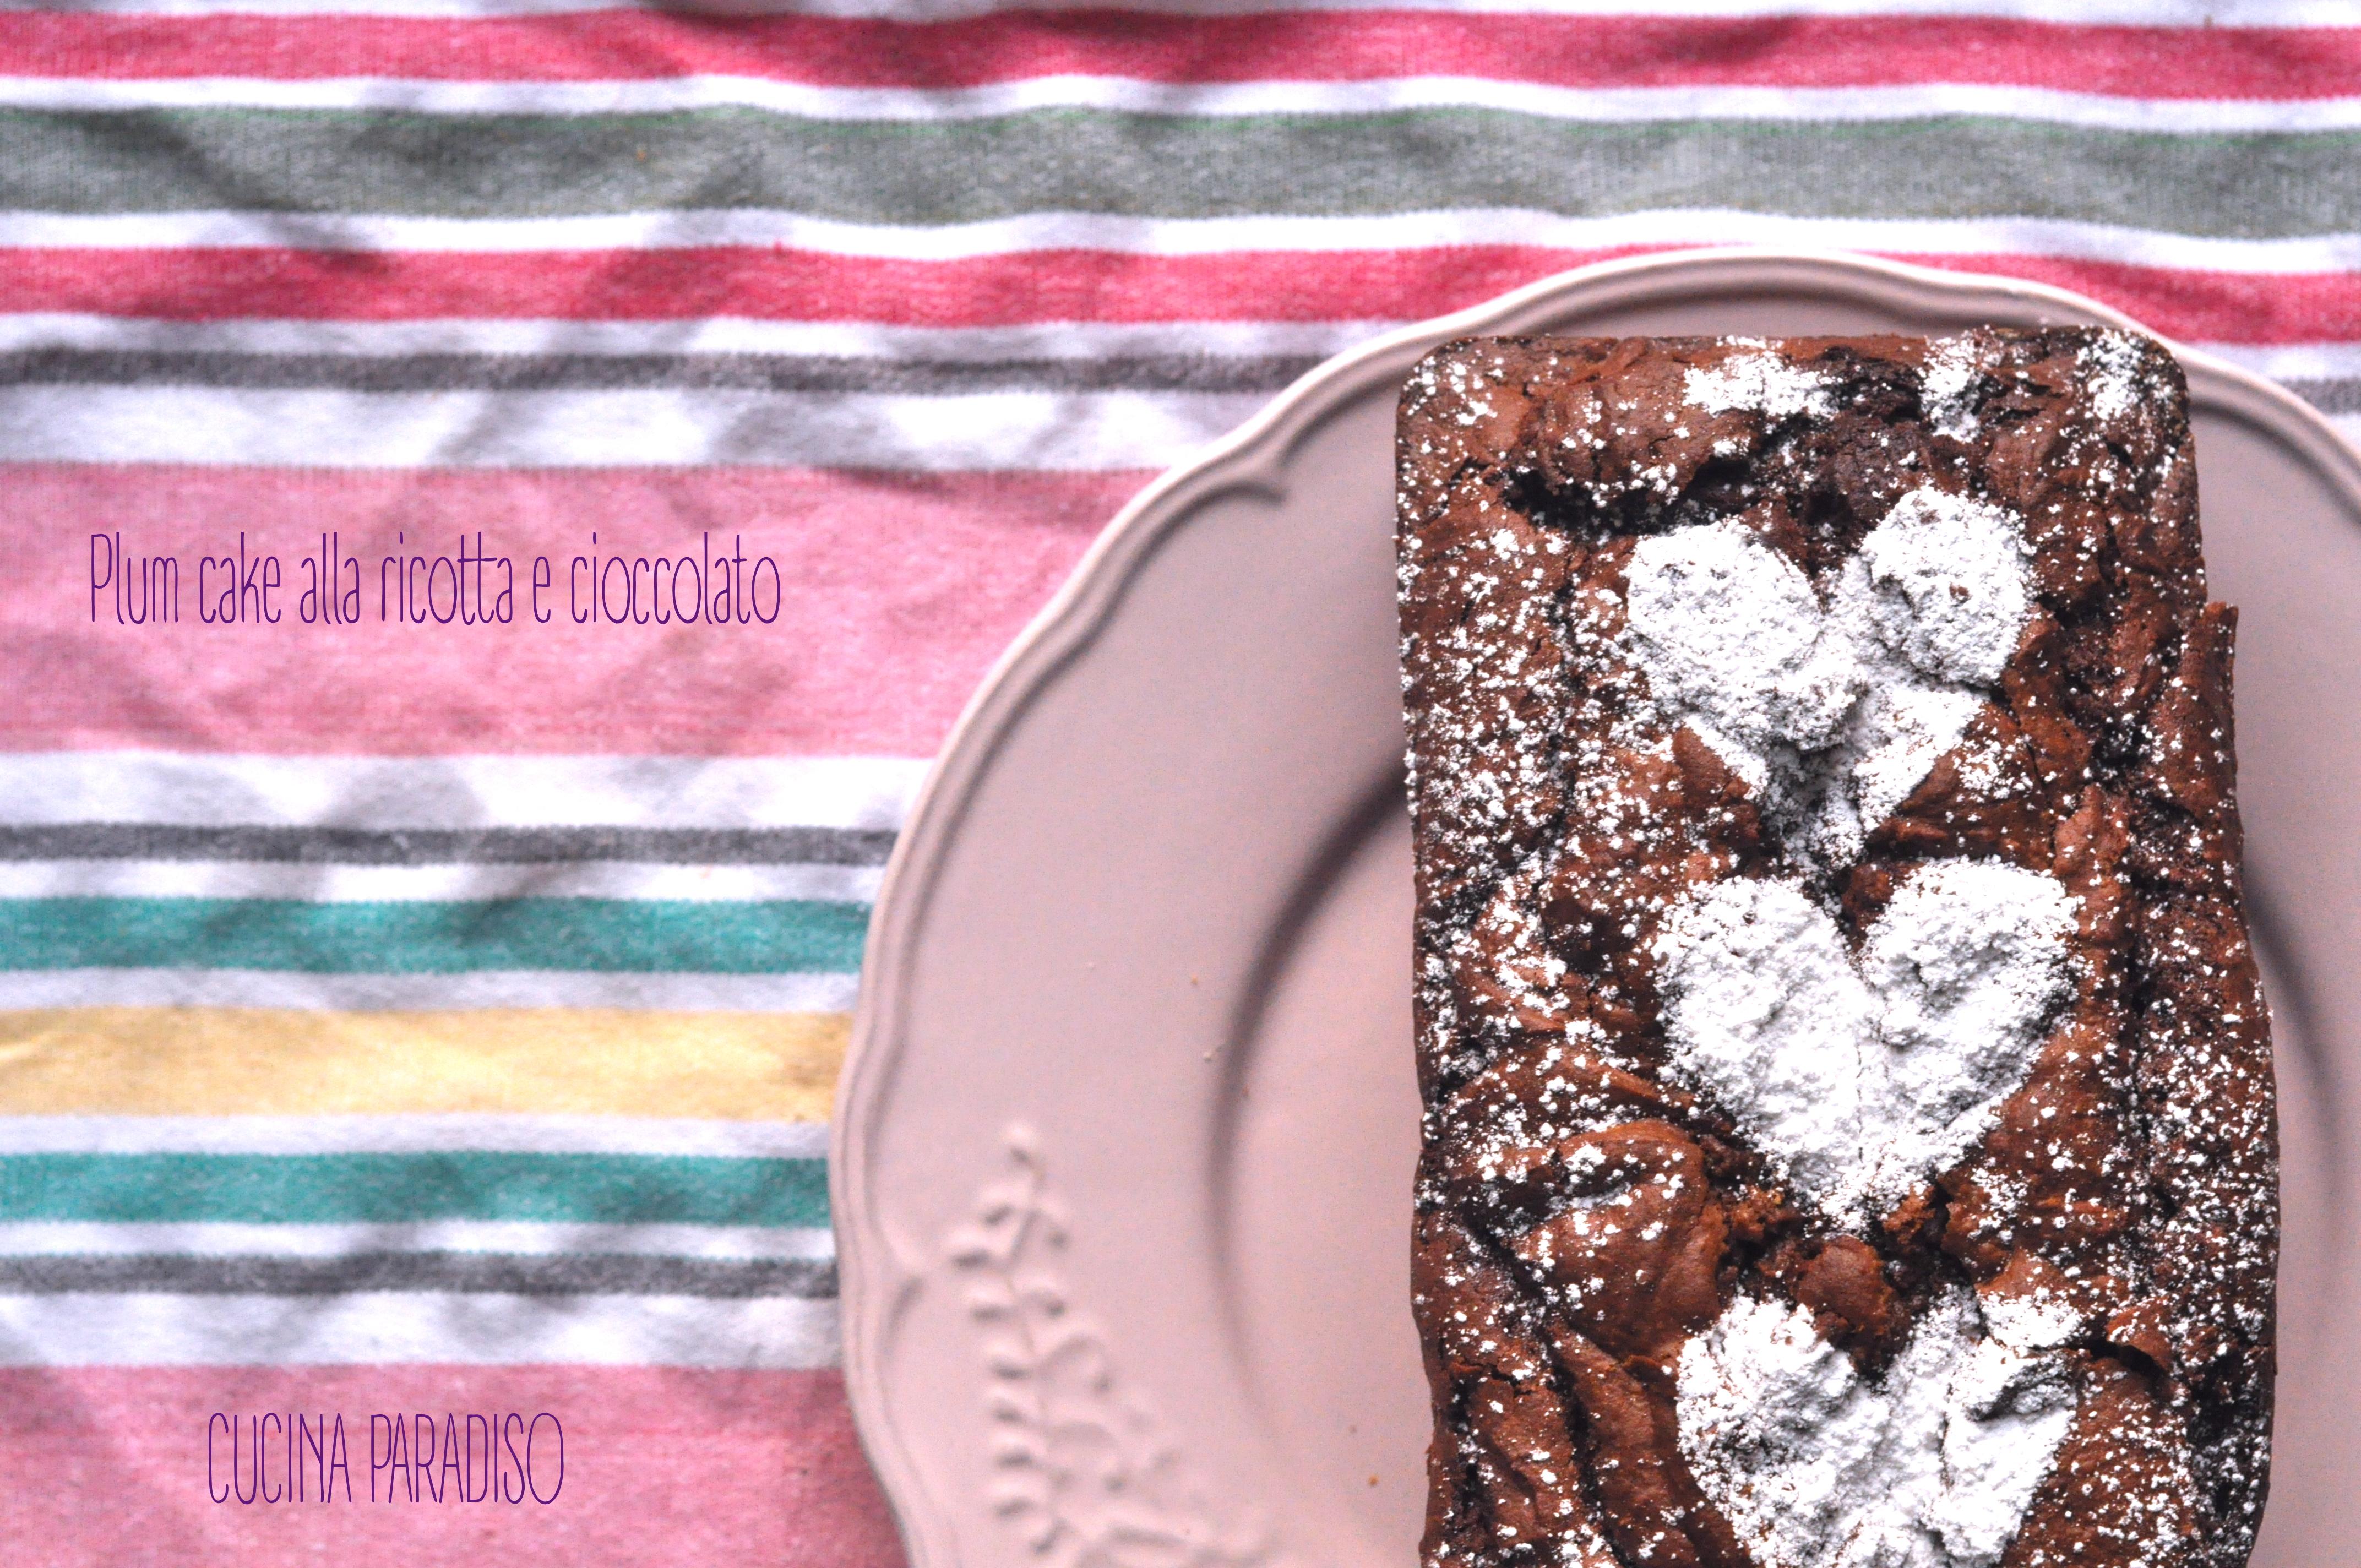 plum-cake-alla-ricotta-e-cioccolato2